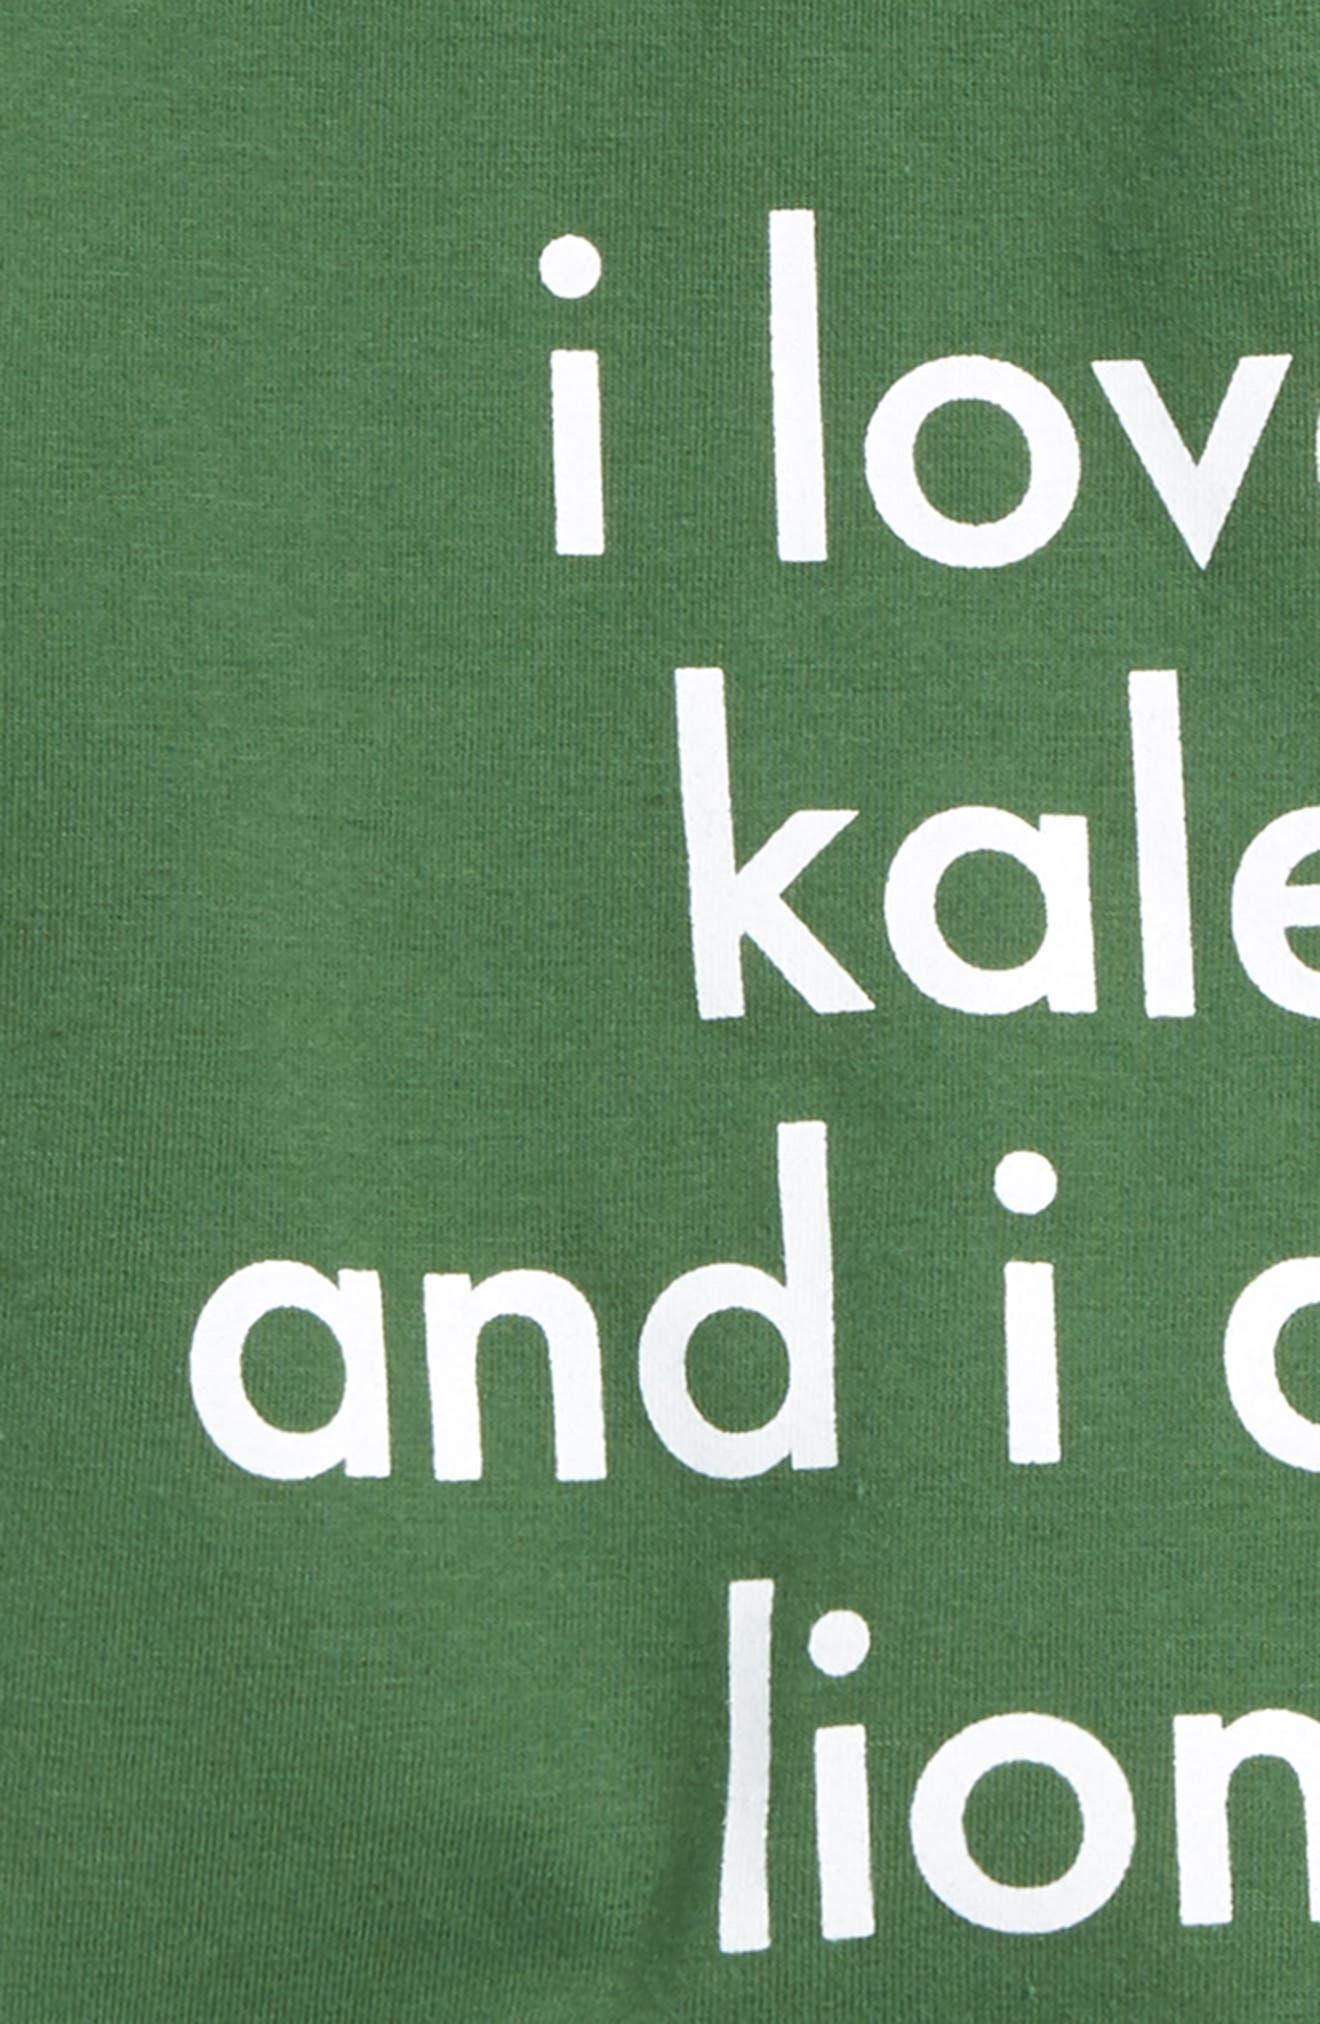 I Love Kale T-Shirt & Shorts Set,                             Alternate thumbnail 2, color,                             Green/ Black